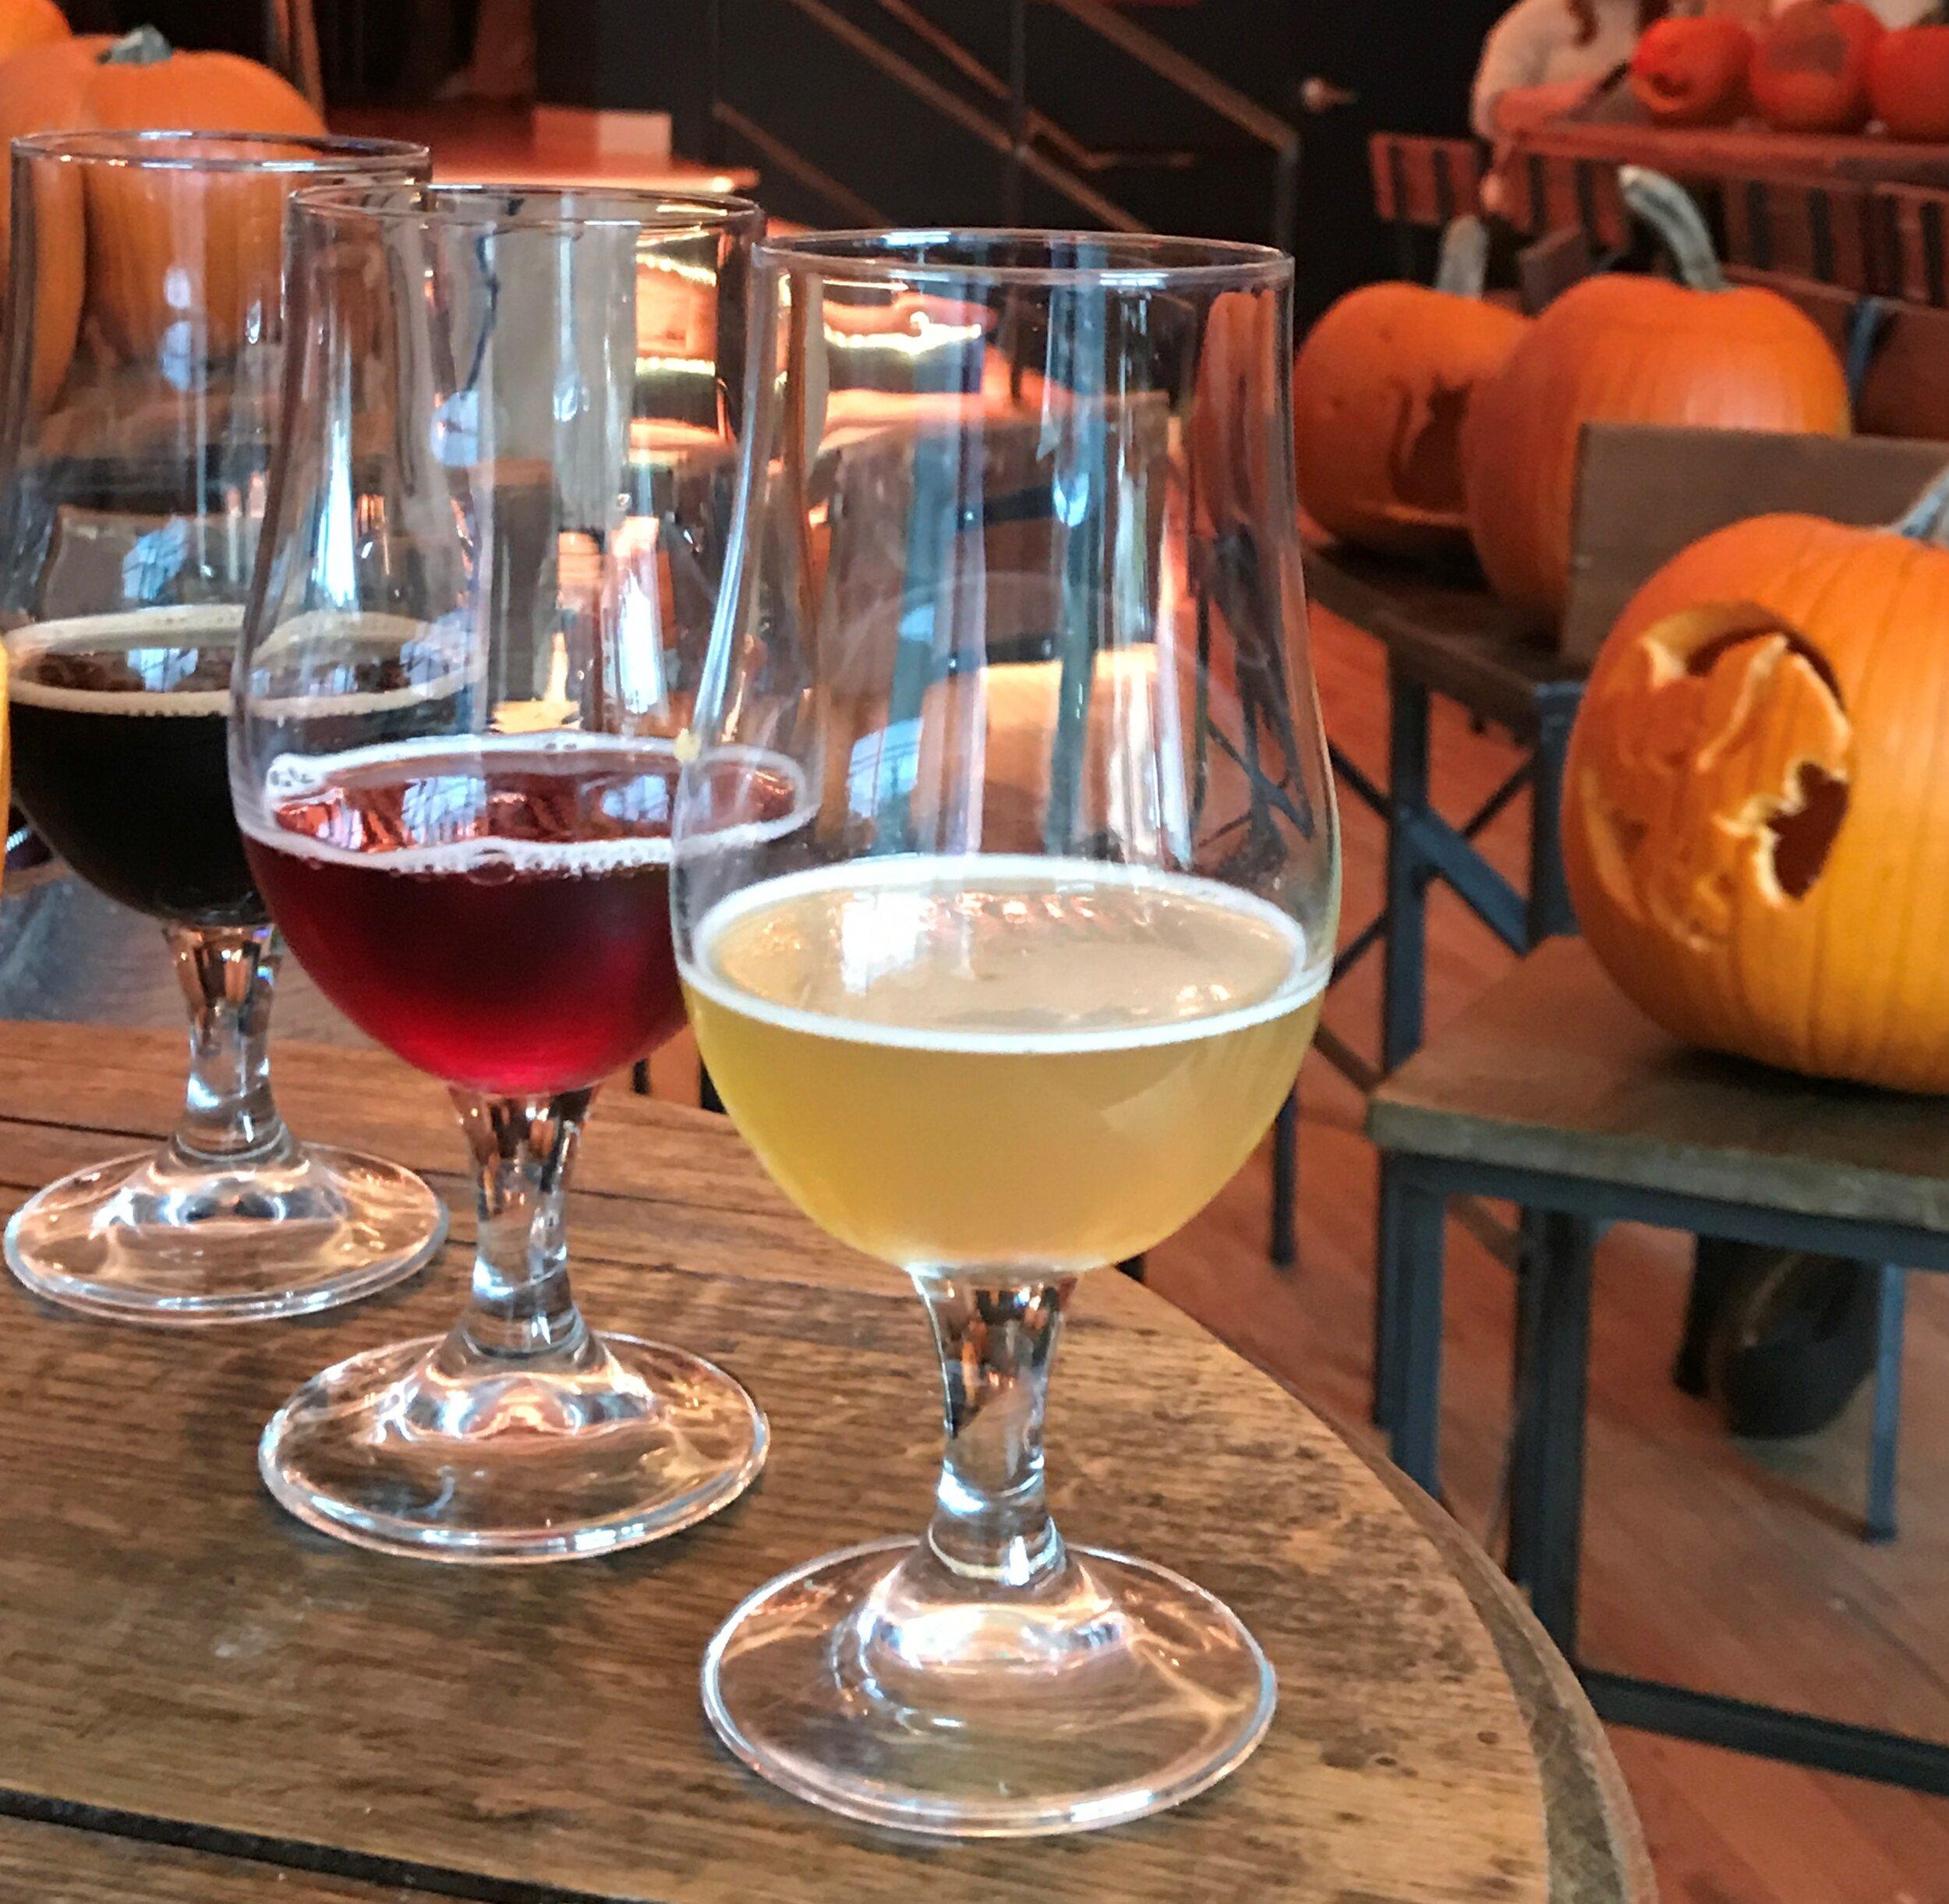 BREWS AND BOOS: Pumpking Carving & Beer Tasting